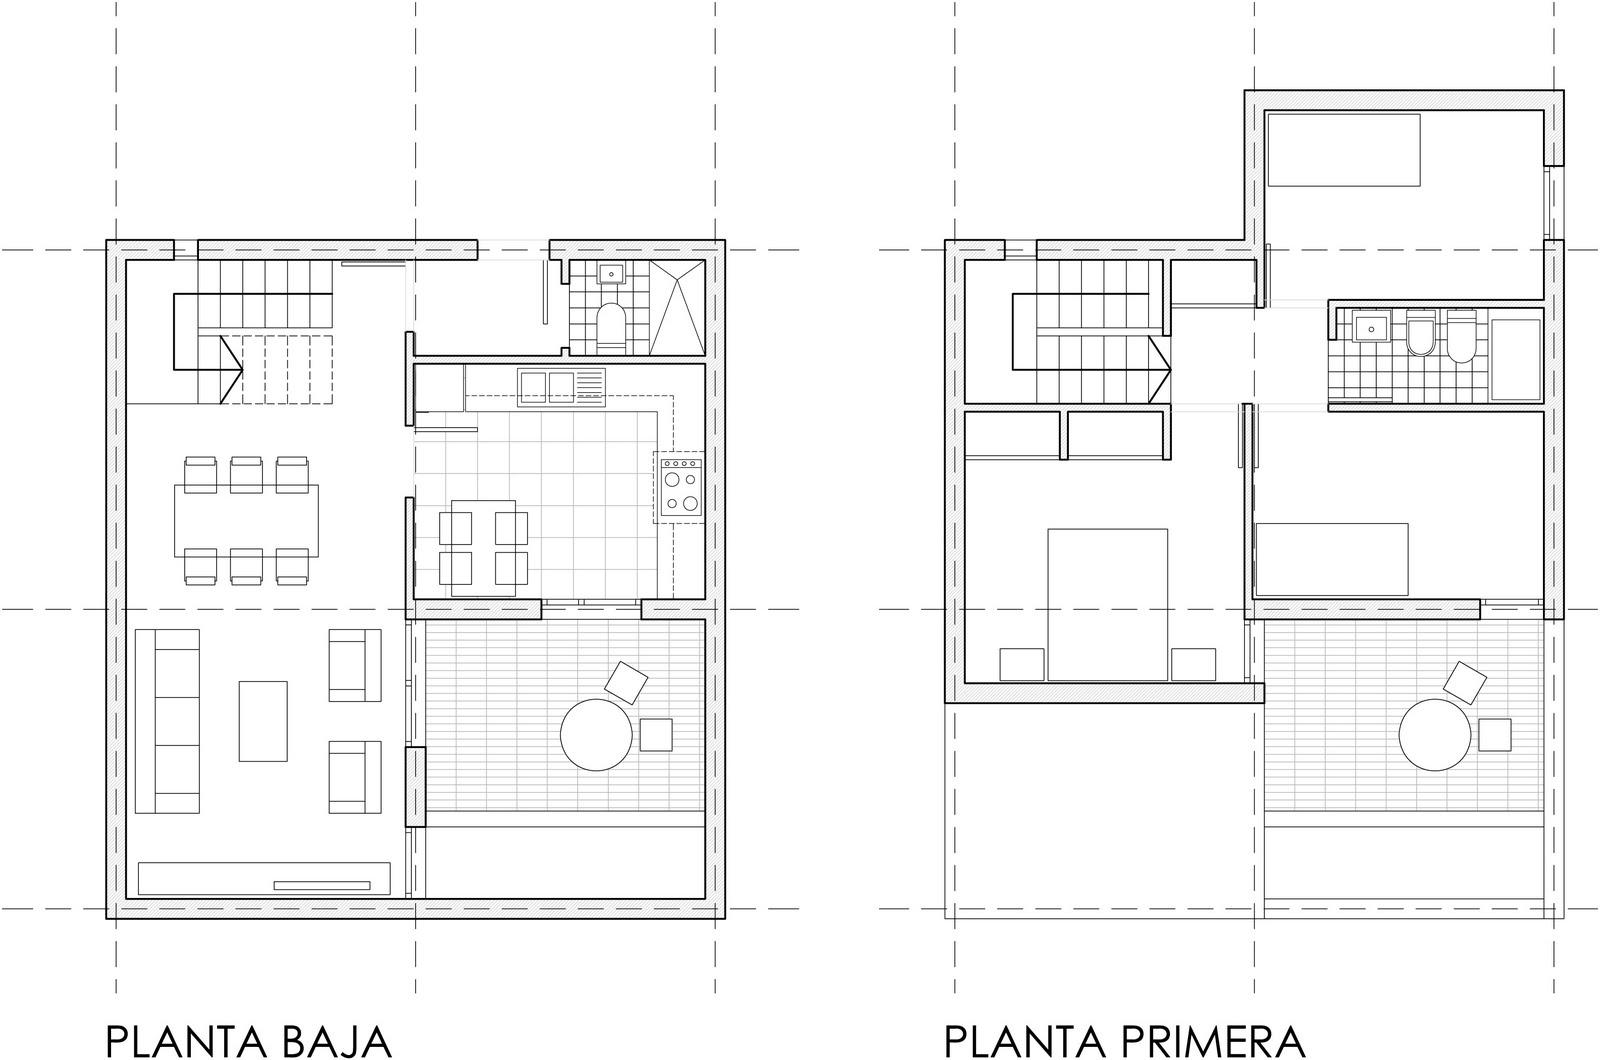 Dg arquitecto valencia septiembre 2011 - Proyectos de viviendas unifamiliares ...